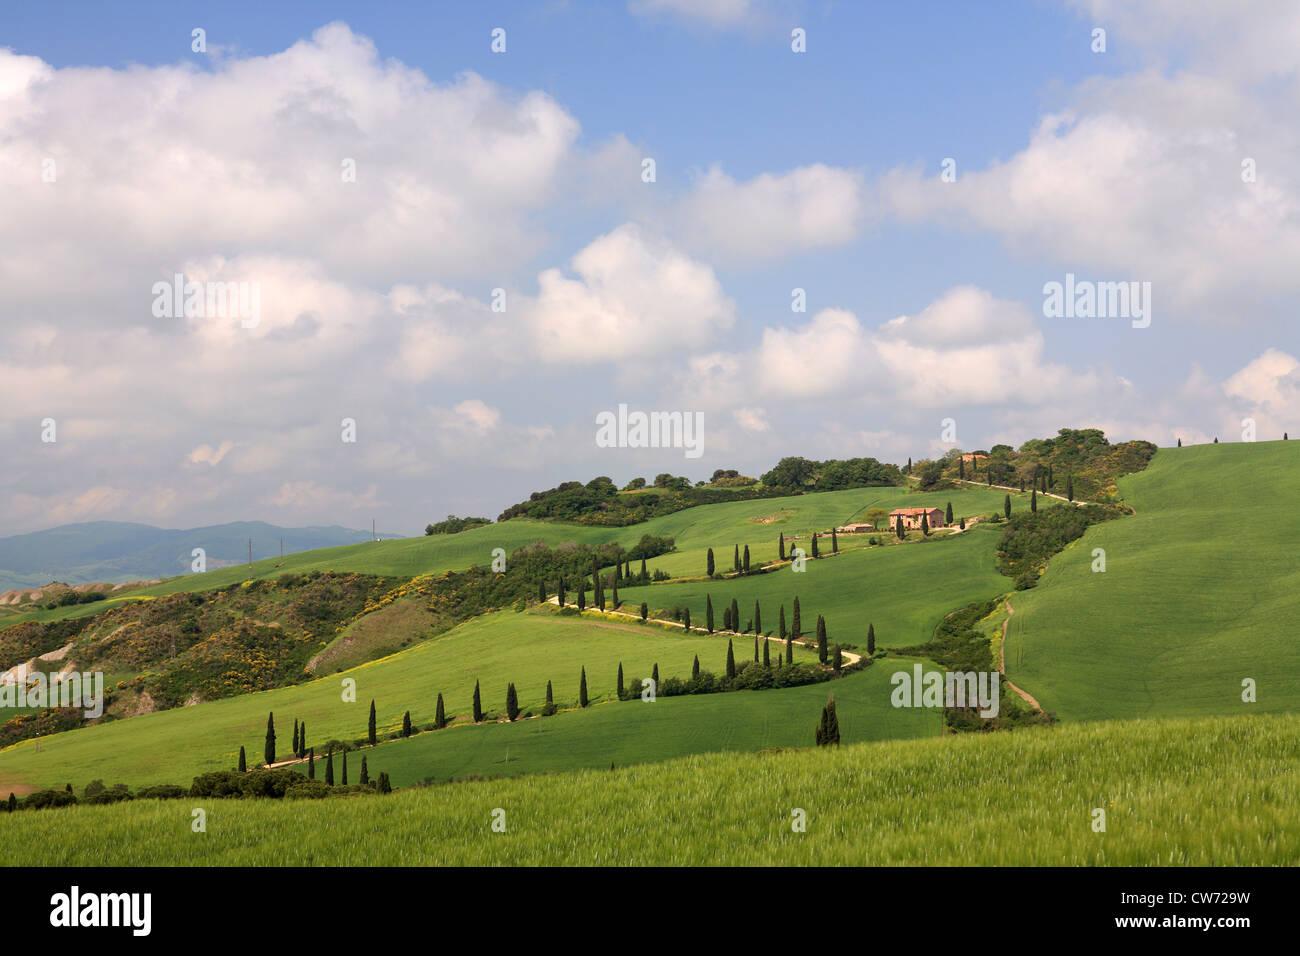 Un paesaggio collinare con strada di campagna e cipressi